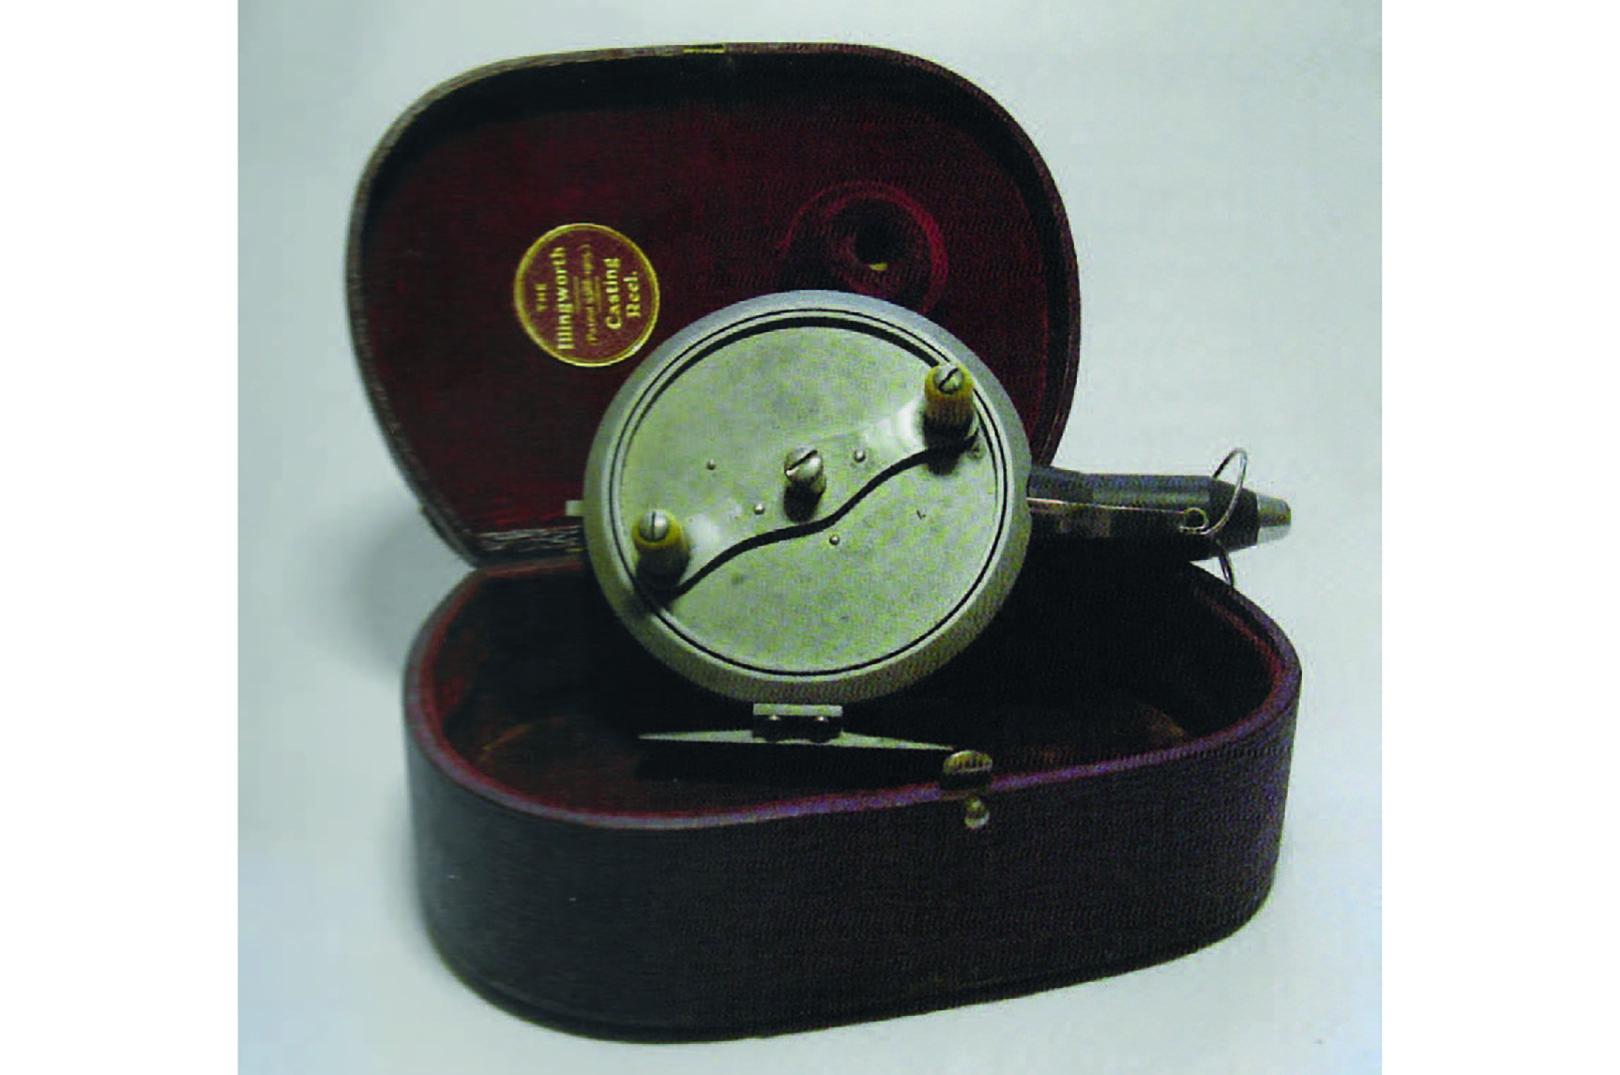 Illingworths første udgave af et fastspolehjul. Det var en eksklusiv sag. Læg mærke til den flotte æske.